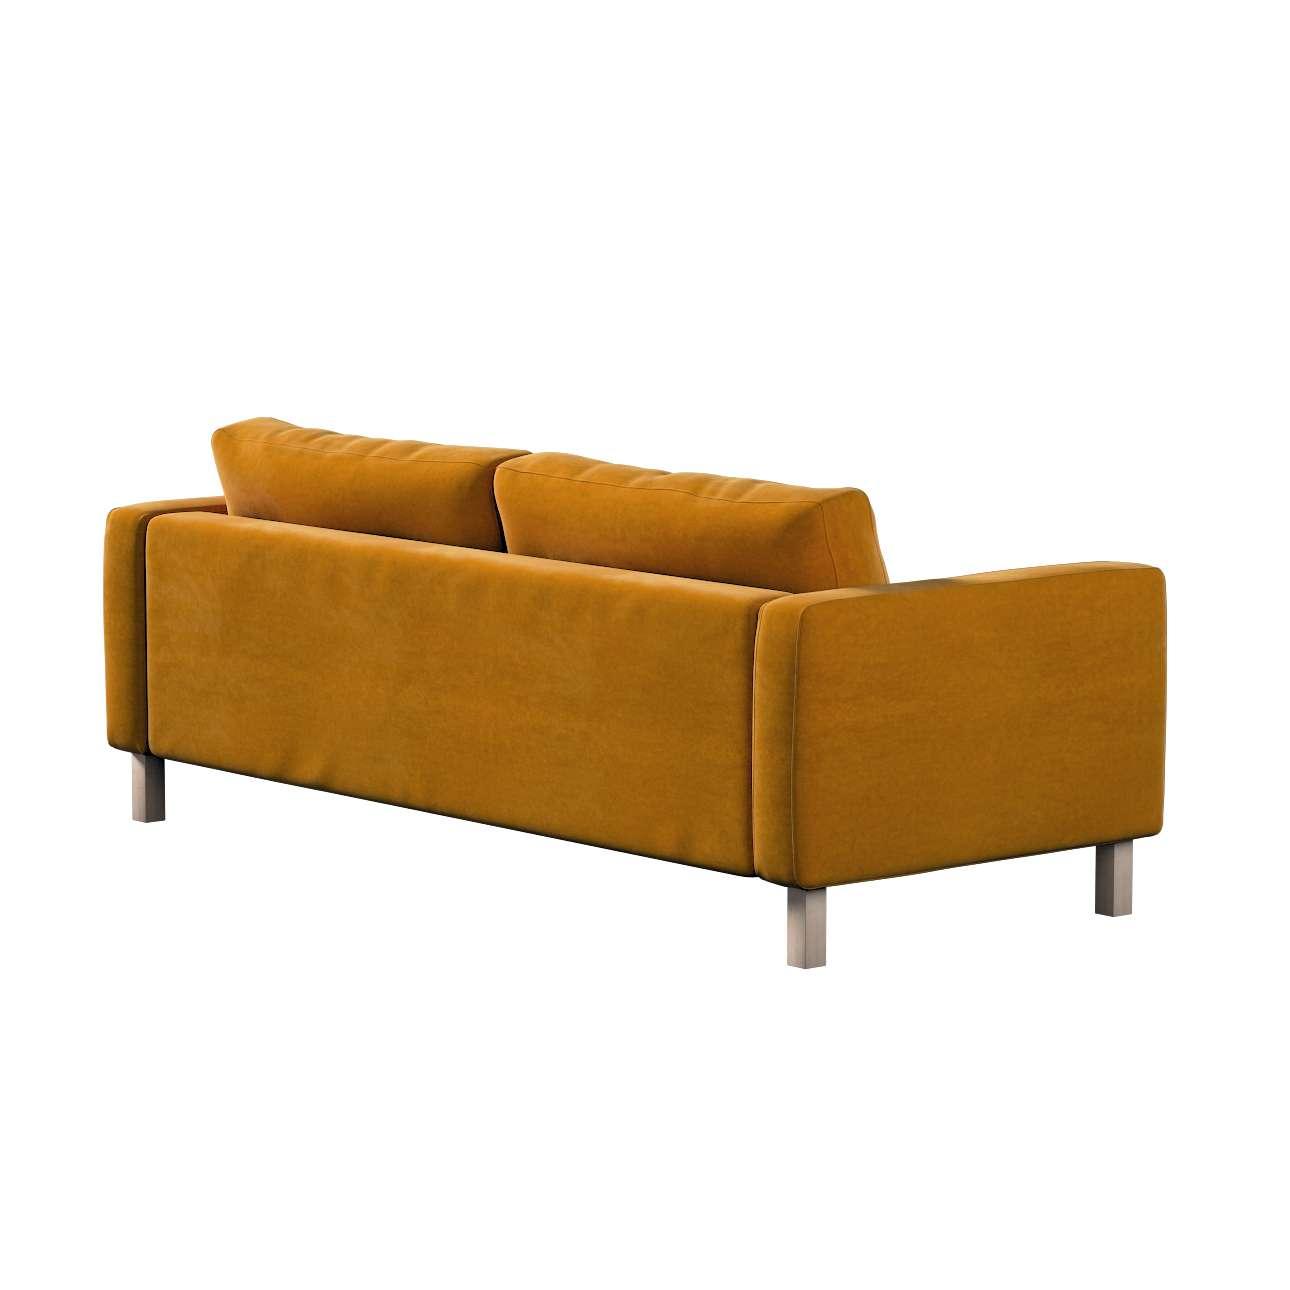 Pokrowiec na sofę Karlstad rozkładaną w kolekcji Velvet, tkanina: 704-23